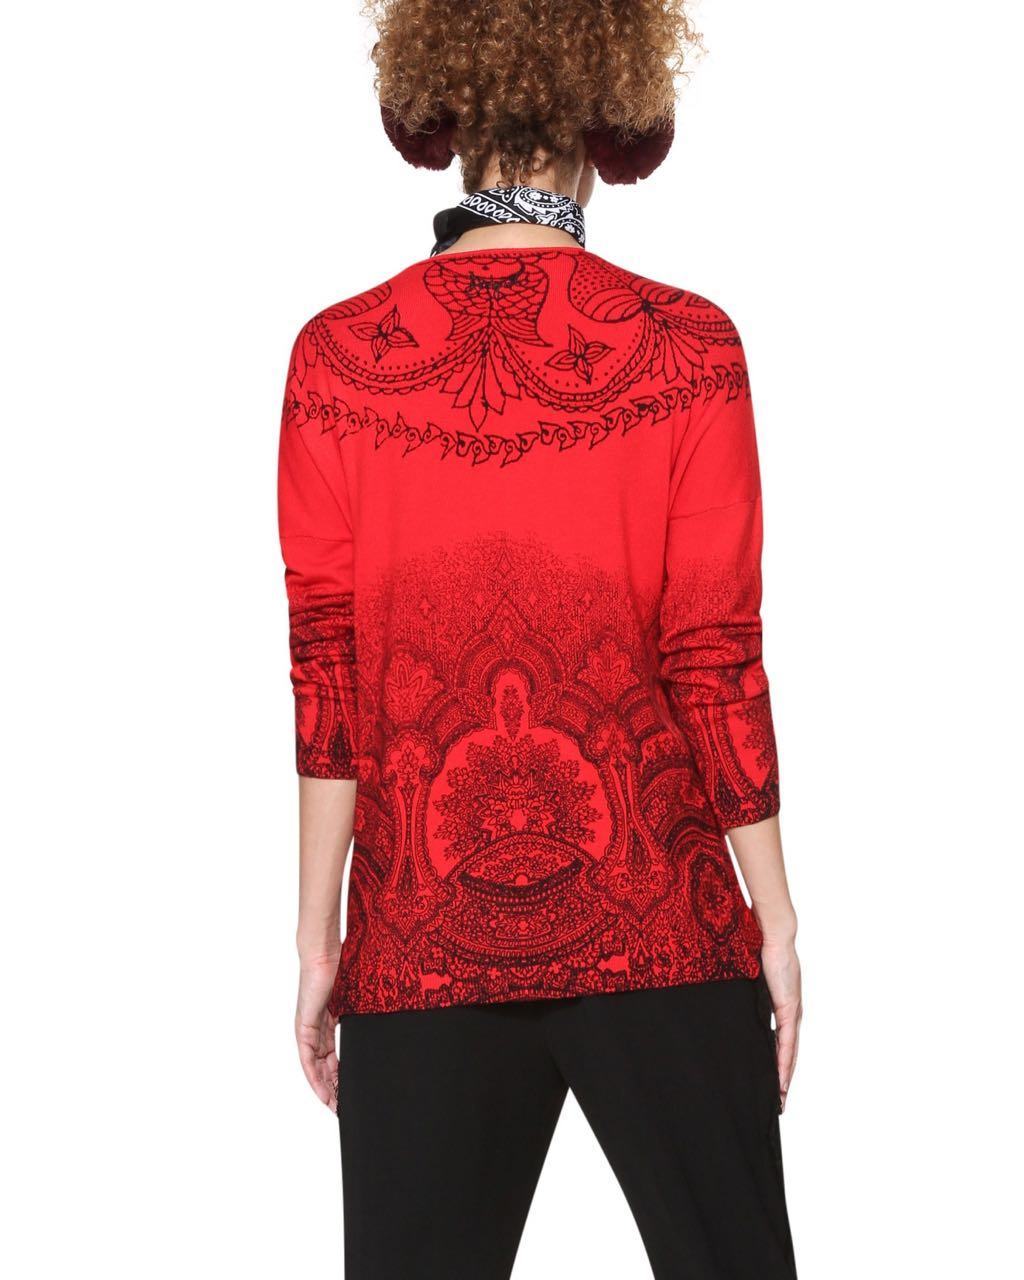 Desigual Sweater LISBOA 18WWJFAT Red Fall 2018 f0e20099d